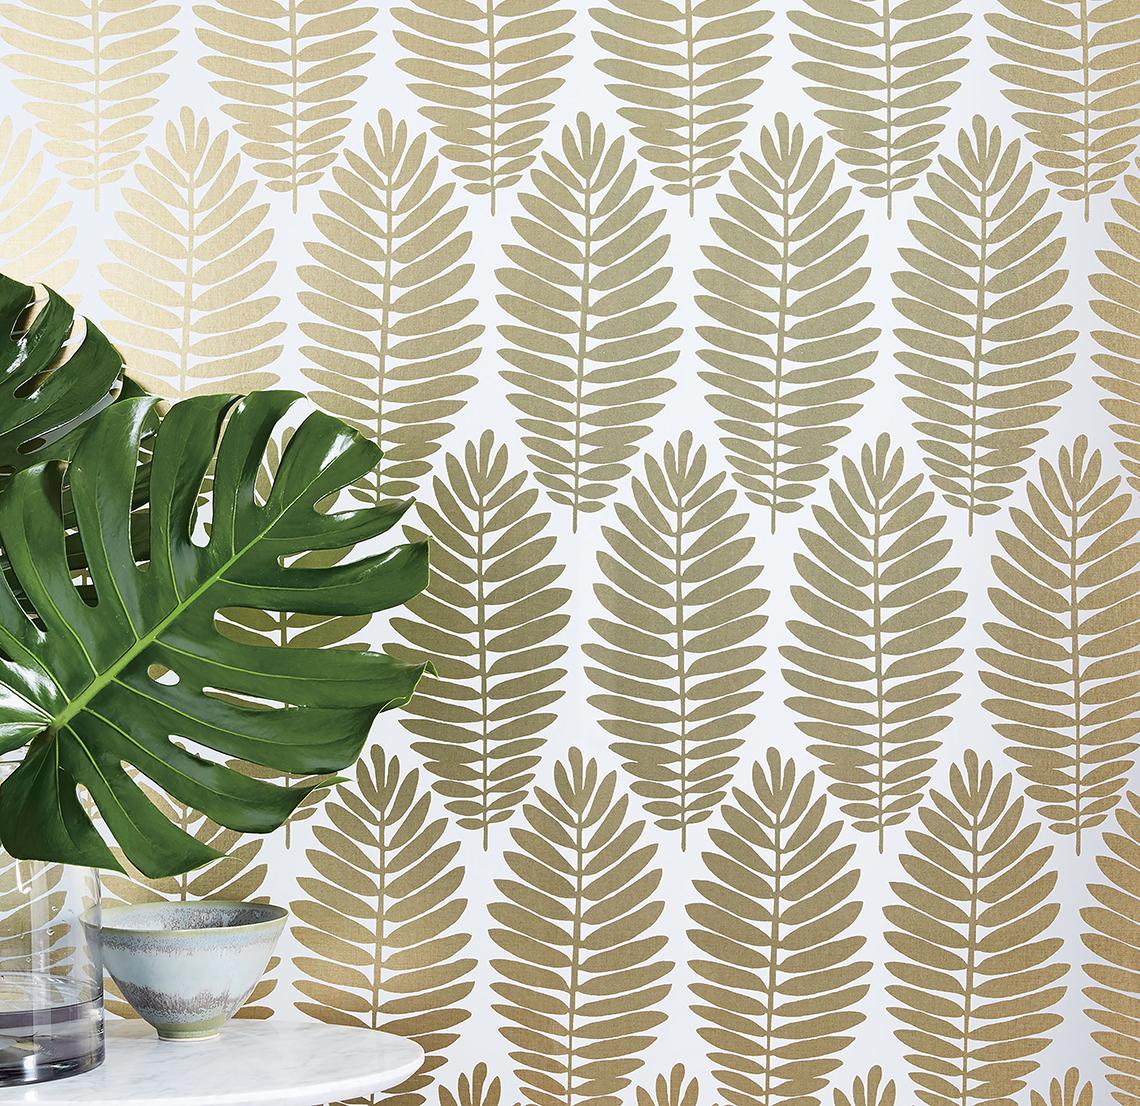 Gold Leaf Wallpaper In A Bathroom